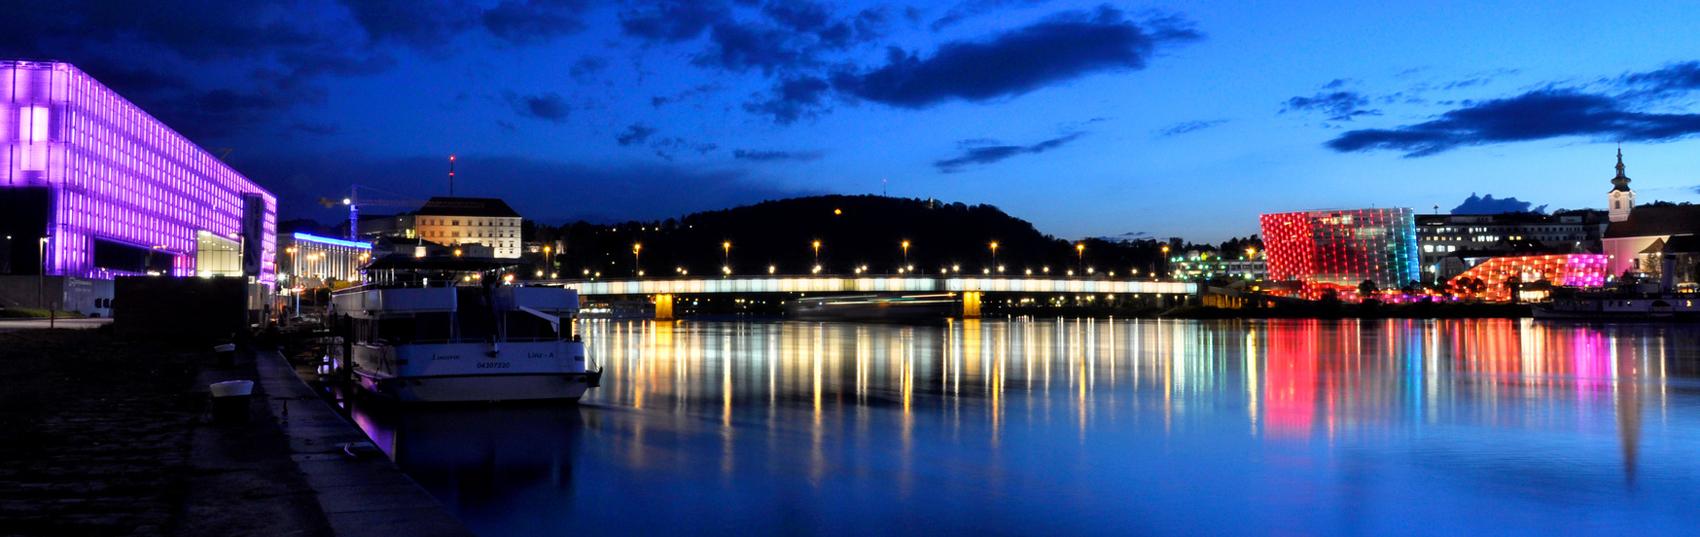 Linz bei Nacht / © Linz Tourismus Susanne Einzenberger